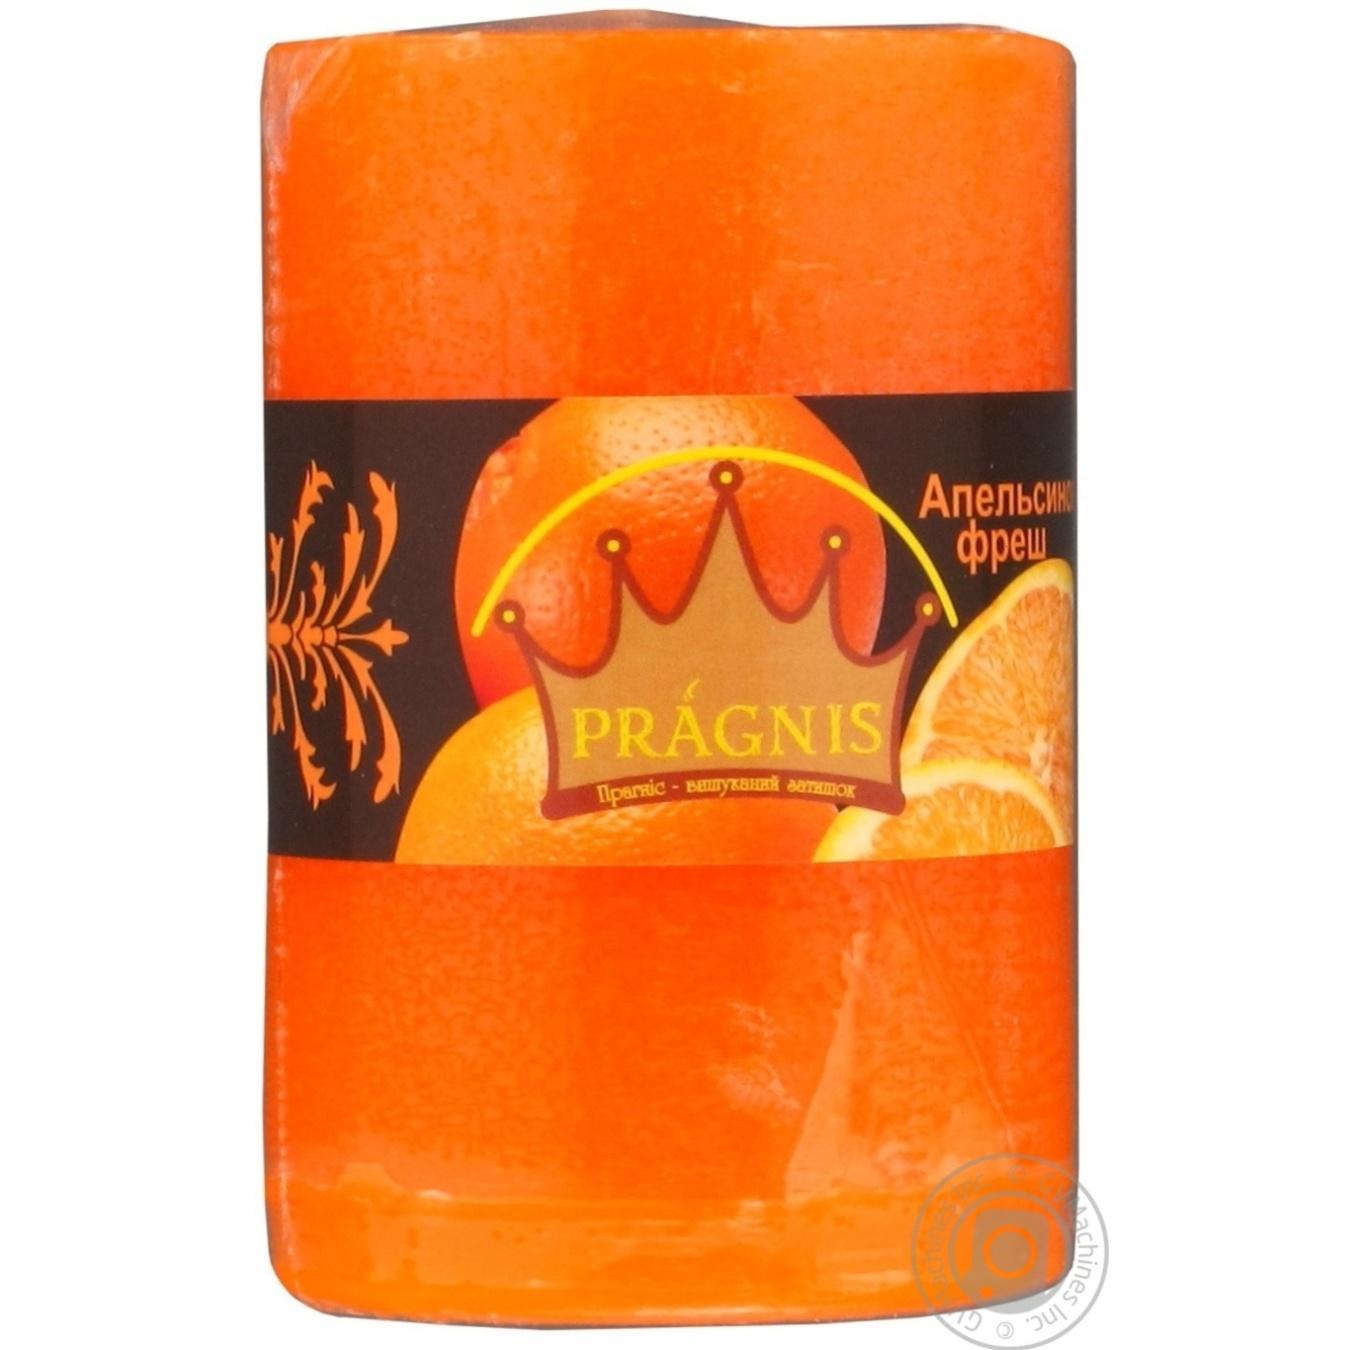 Купить Свеча Pragnis цилиндр апельсиновый фреш 55х8см